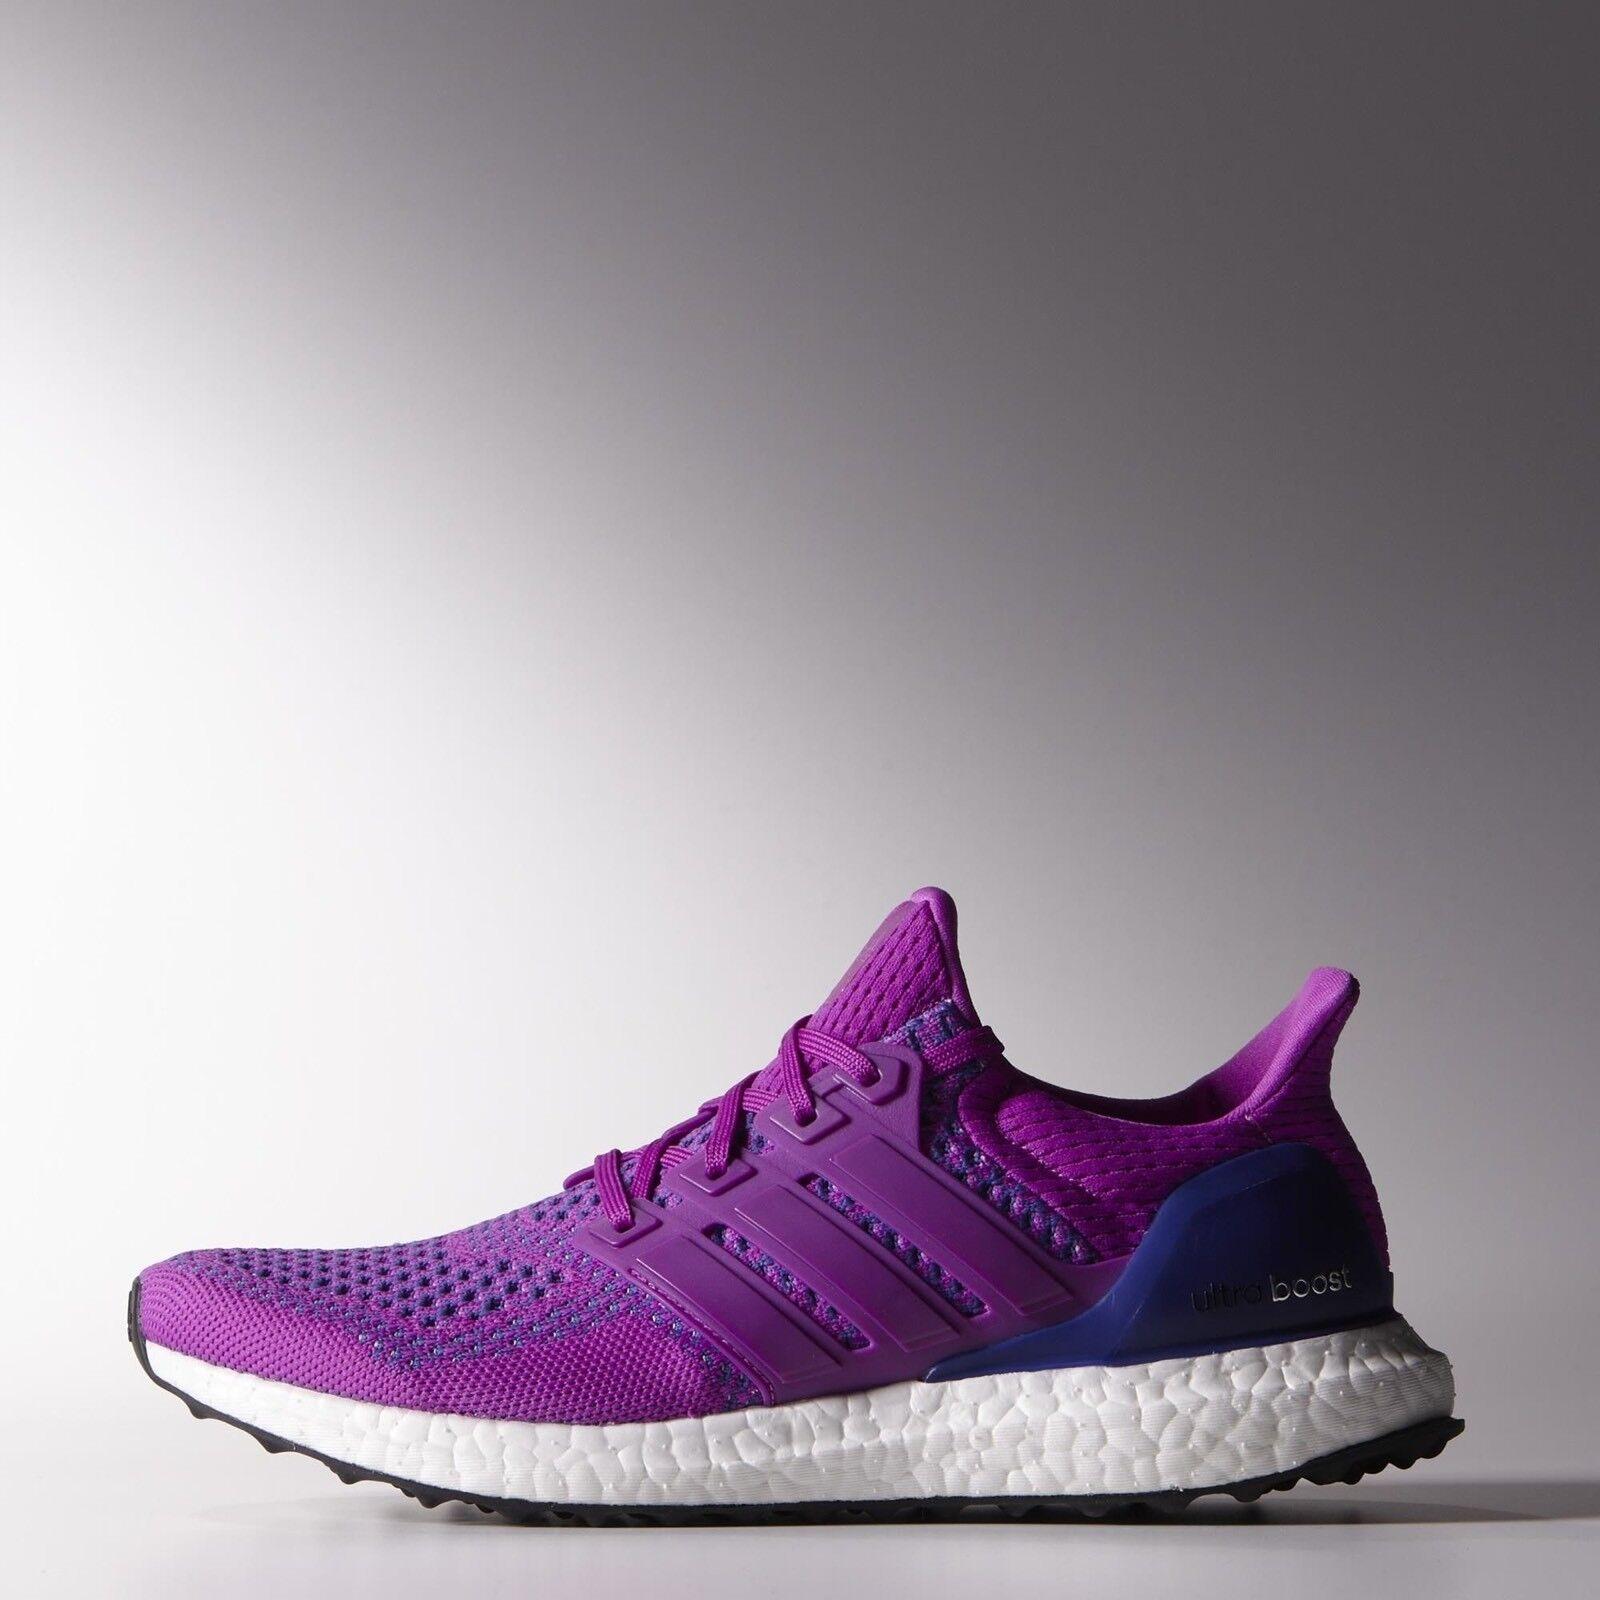 Adidas Ultra Boost w w w 1.0 para Mujer Wmns Primeknit púrpura B34051 Flash rosado og 9  buen precio